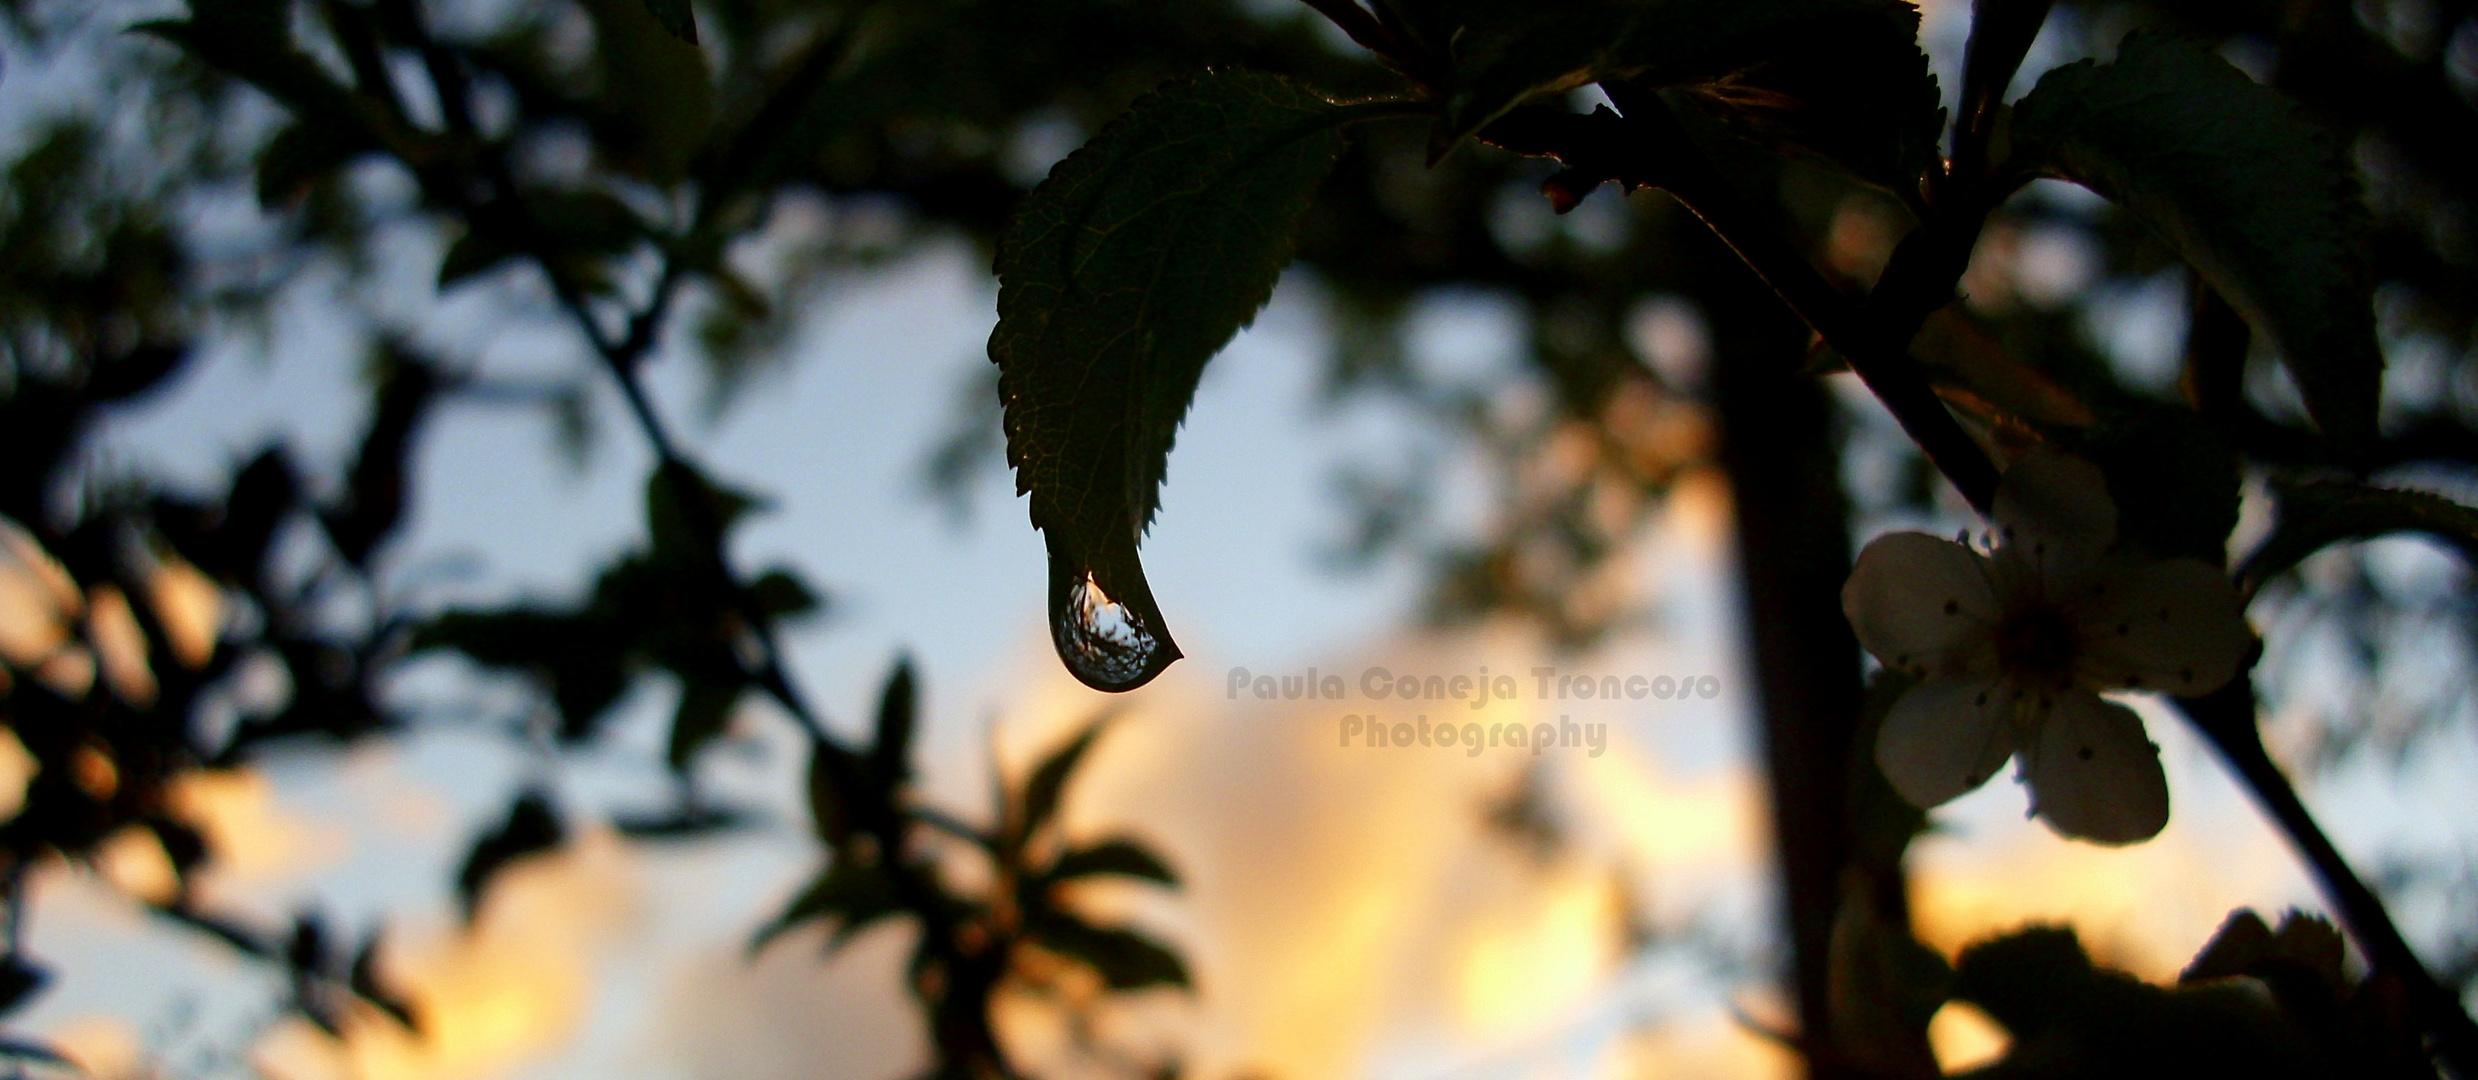 Gota de lluvia